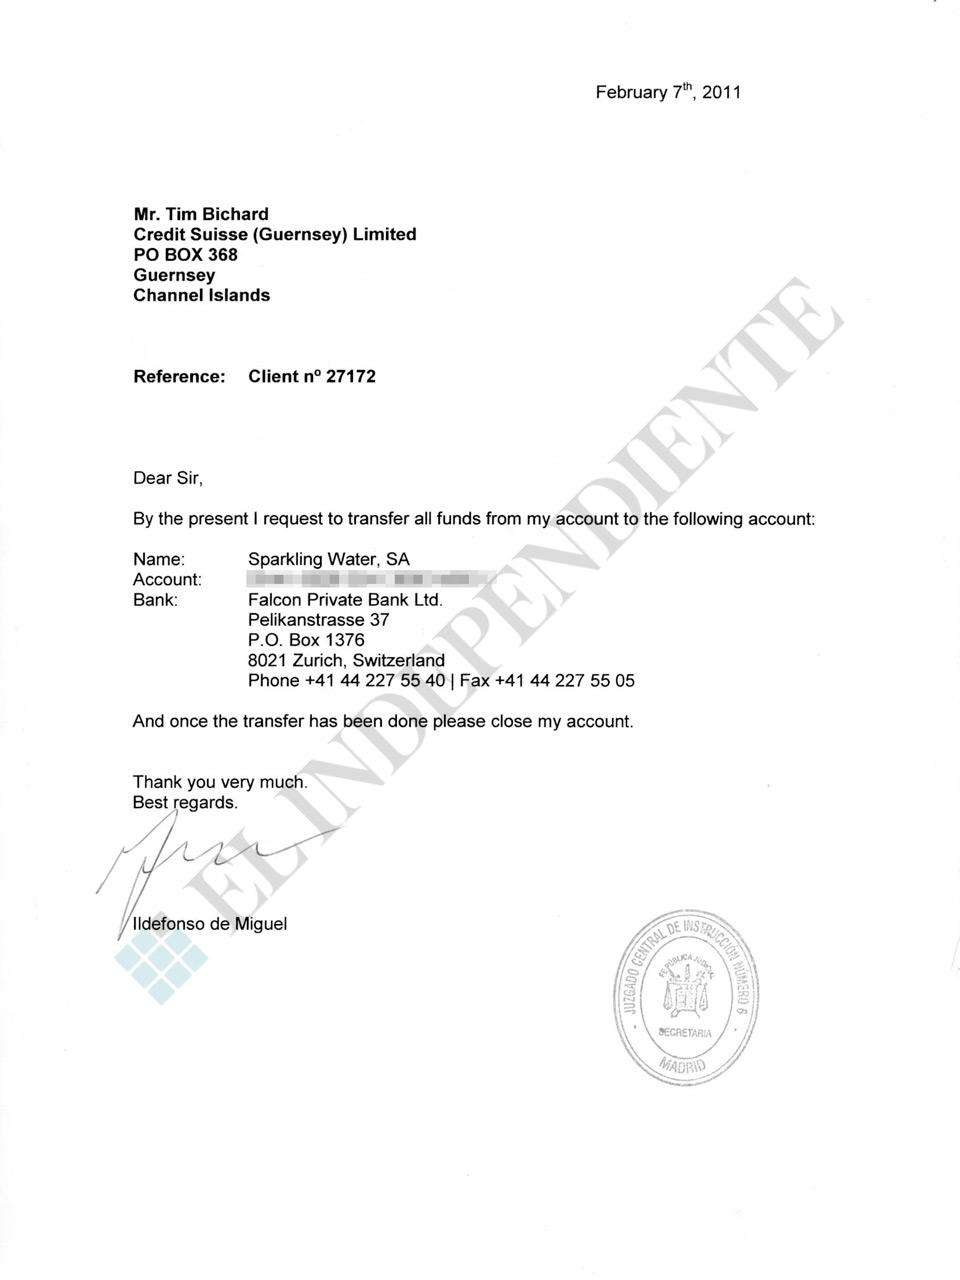 Orden de Ildefonso de Miguel al Credit Suisse de Guernsey para clausurar su cuenta.